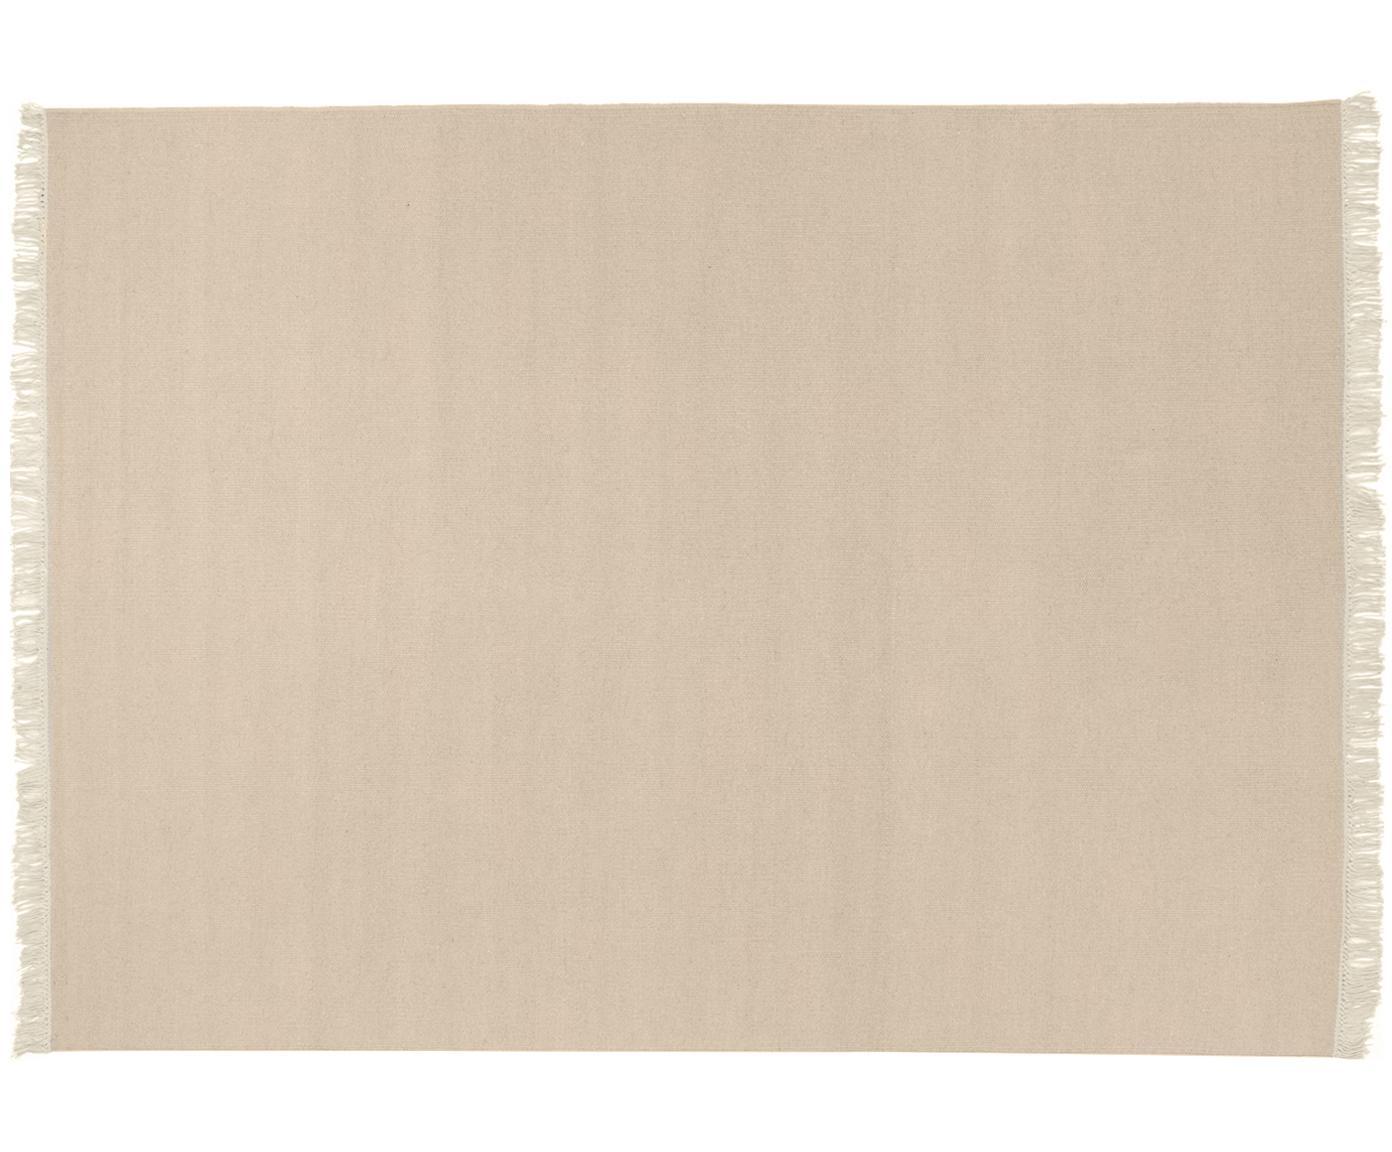 Handgeweven wollen vloerkleed Rainbow in beide met franjes, Bovenzijde: wol, Onderzijde: katoen, Zandkleurig, B 140 x L 200 cm (maat S)